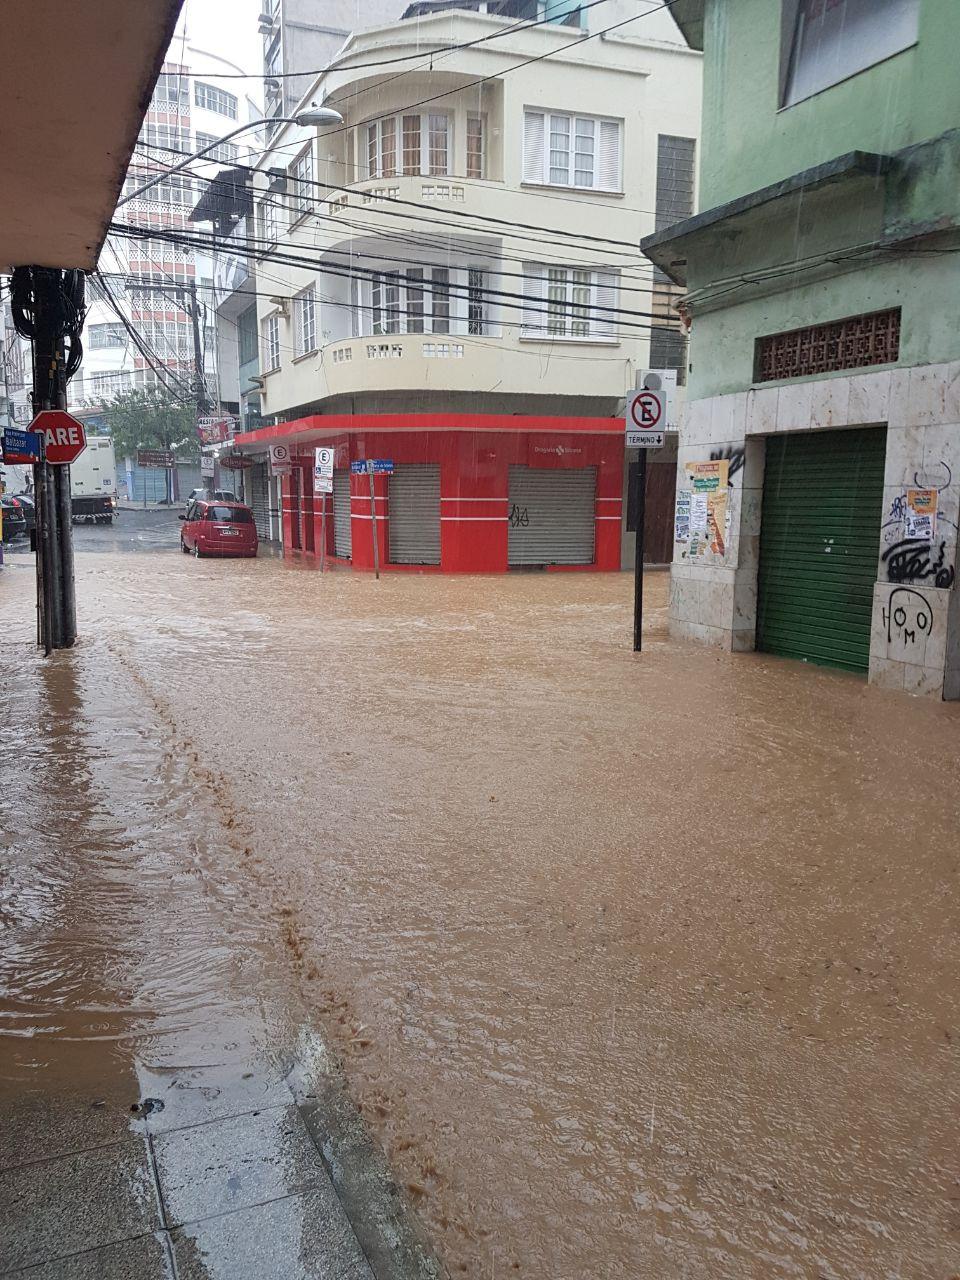 #PraCegoVer: Rua 7, Vitória, Espírito Santo. Rua com prédios e fachadas de loja, completamente alagada por água de chuva, enchente.